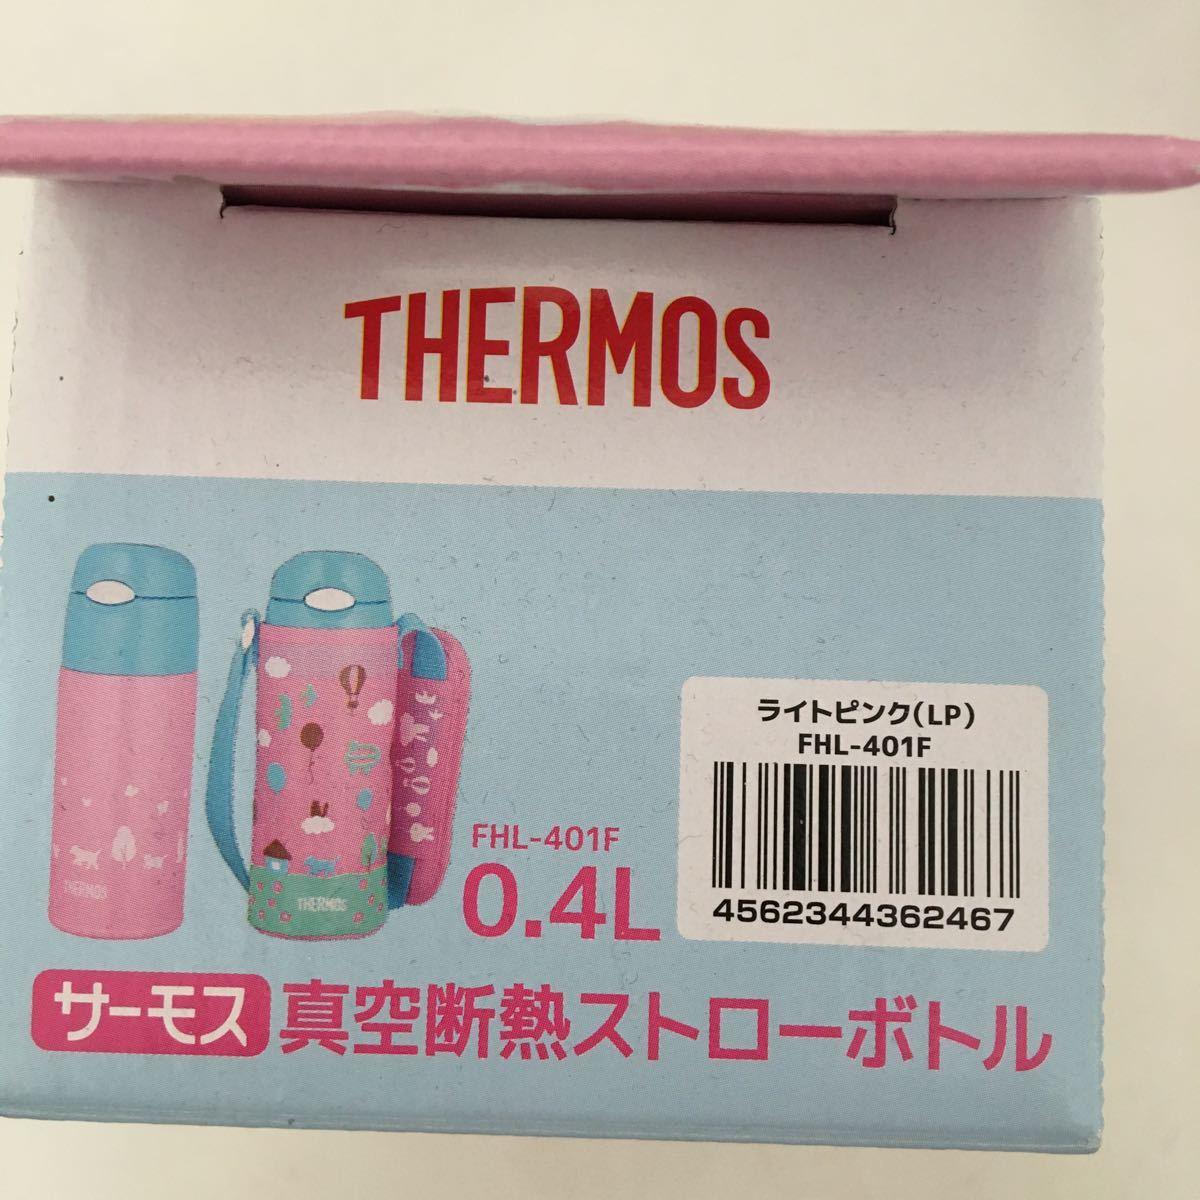 サーモス 真空断熱 ストローボトル ステンレスボトル 水筒 0.4L ライトピンク